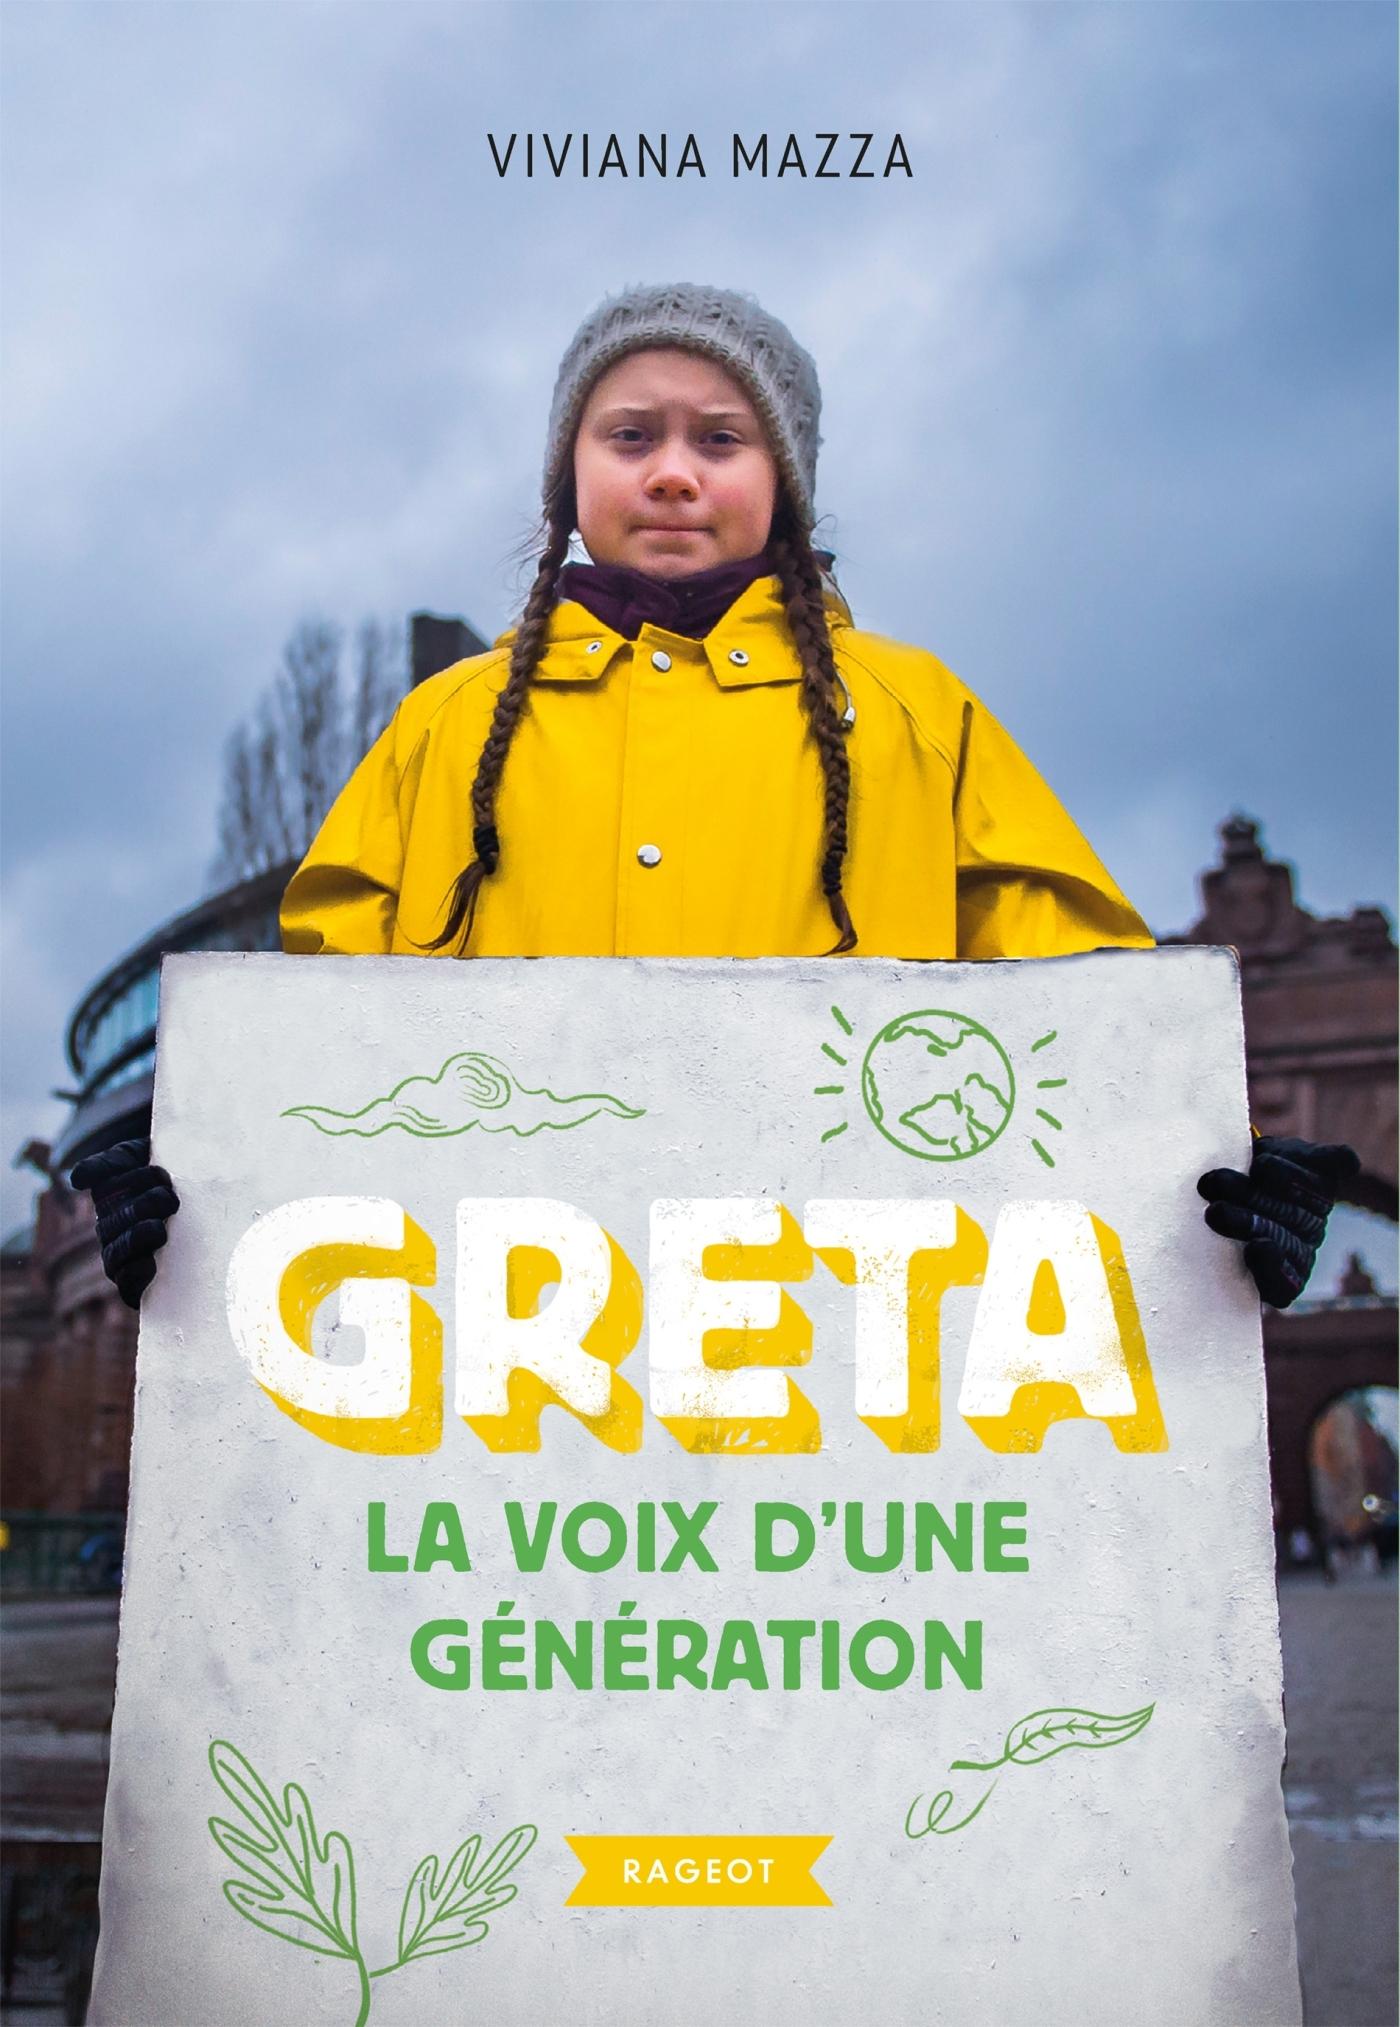 GRETA - LA VOIX D'UNE GENERATION